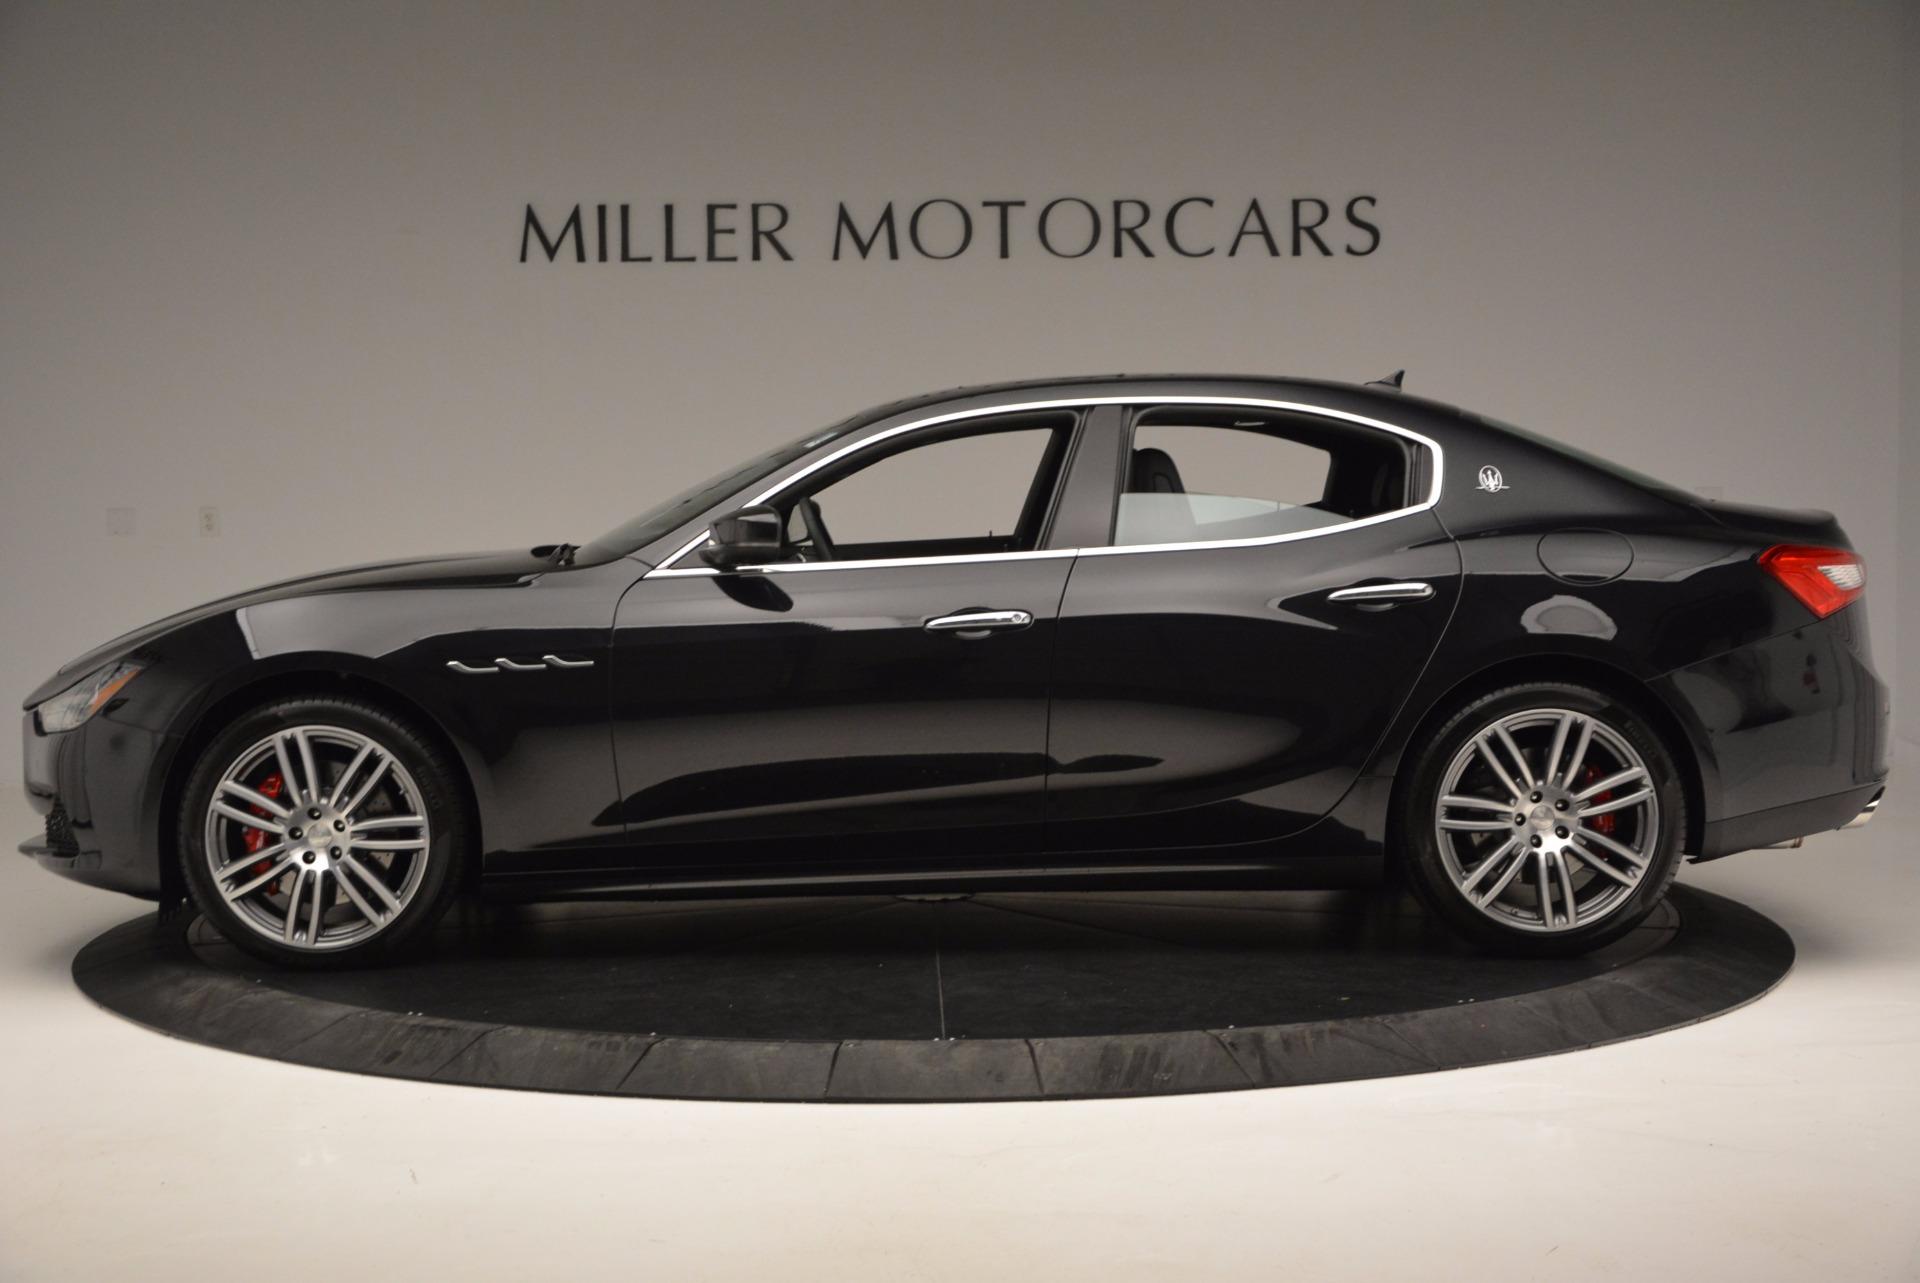 New 2017 Maserati Ghibli S Q4 For Sale In Greenwich, CT 1114_p3